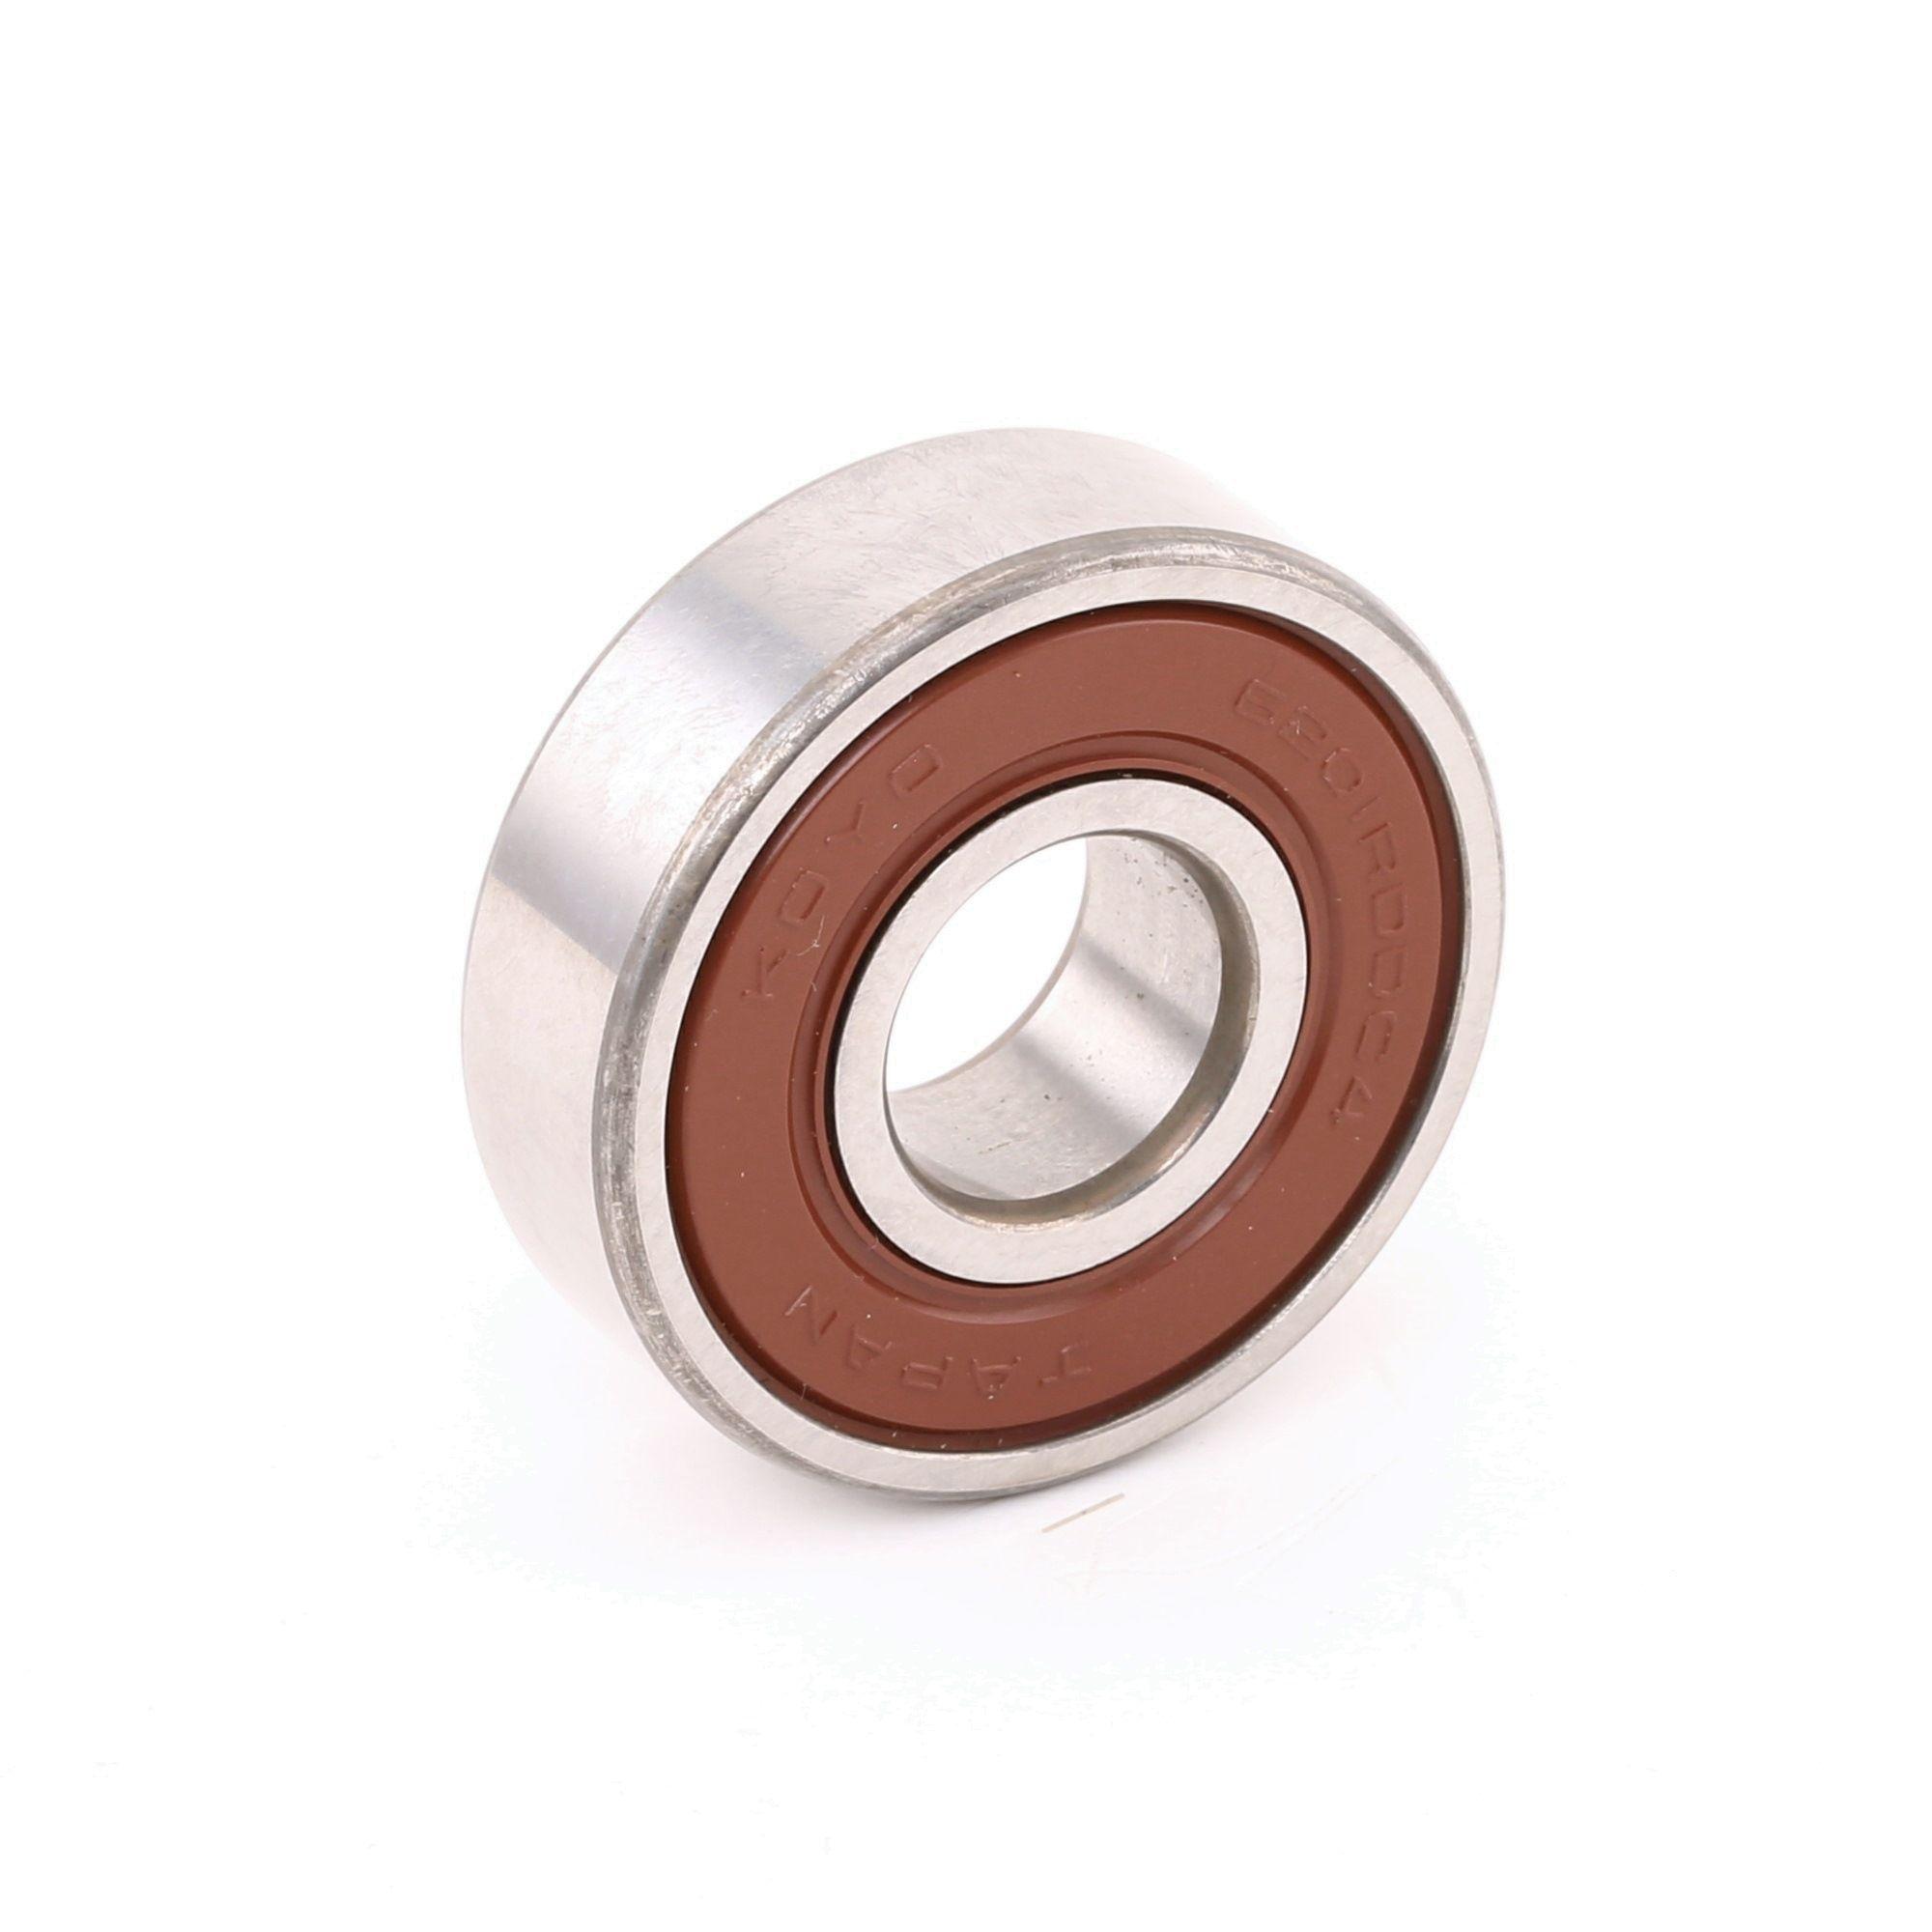 Buy Pilot bearing LuK 410 0090 10